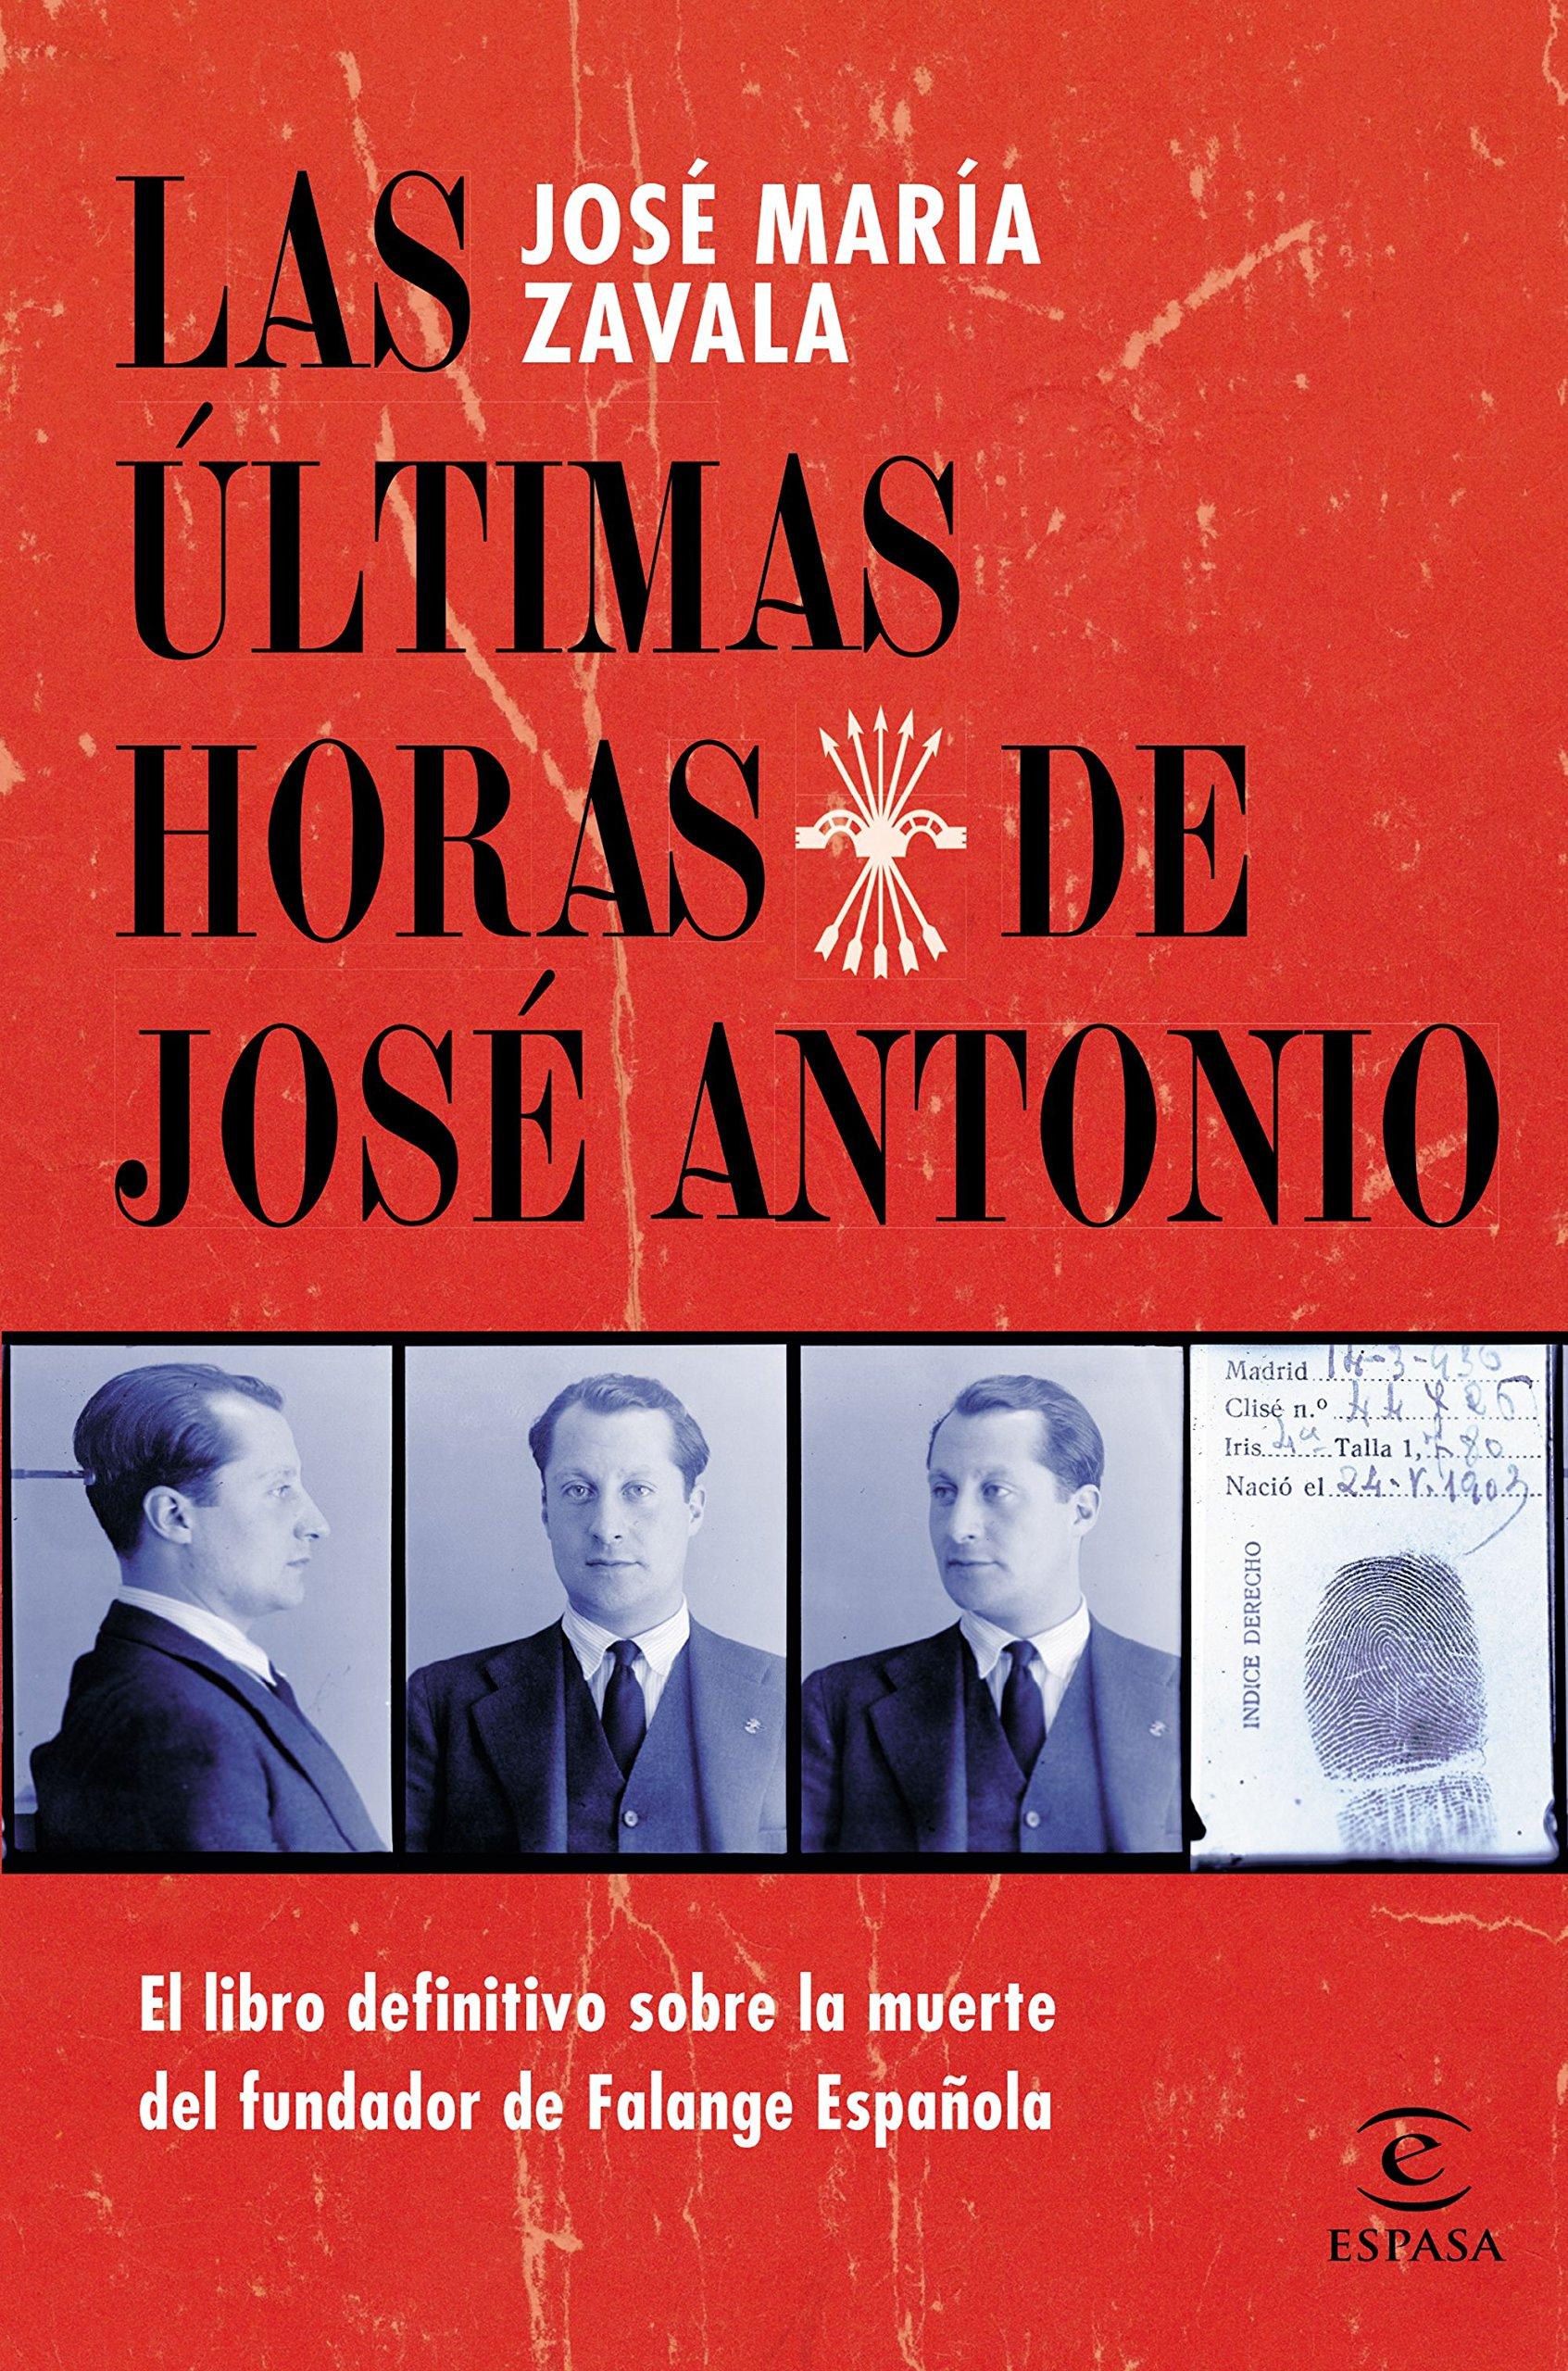 Las últimas horas de José Antonio: El libro definitivo sobre la muerte del fundador de Falange Española Fuera de colección: Amazon.es: Zavala, José María: Libros